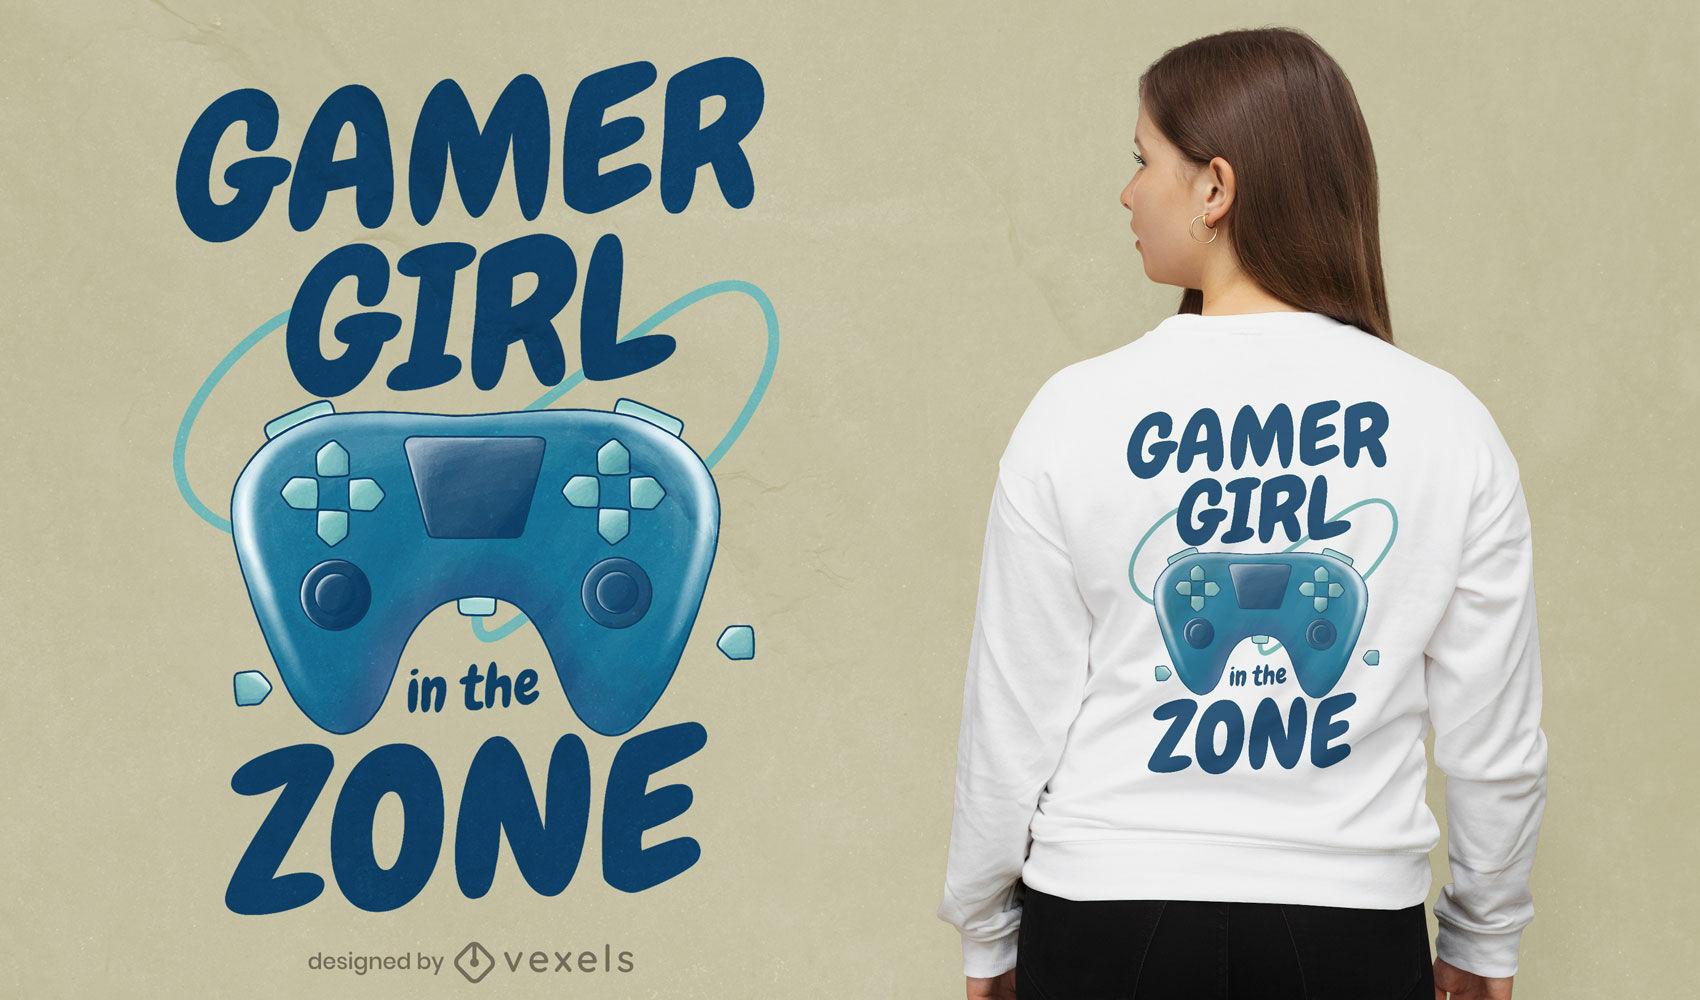 Joystick gamer girl t-shirt design